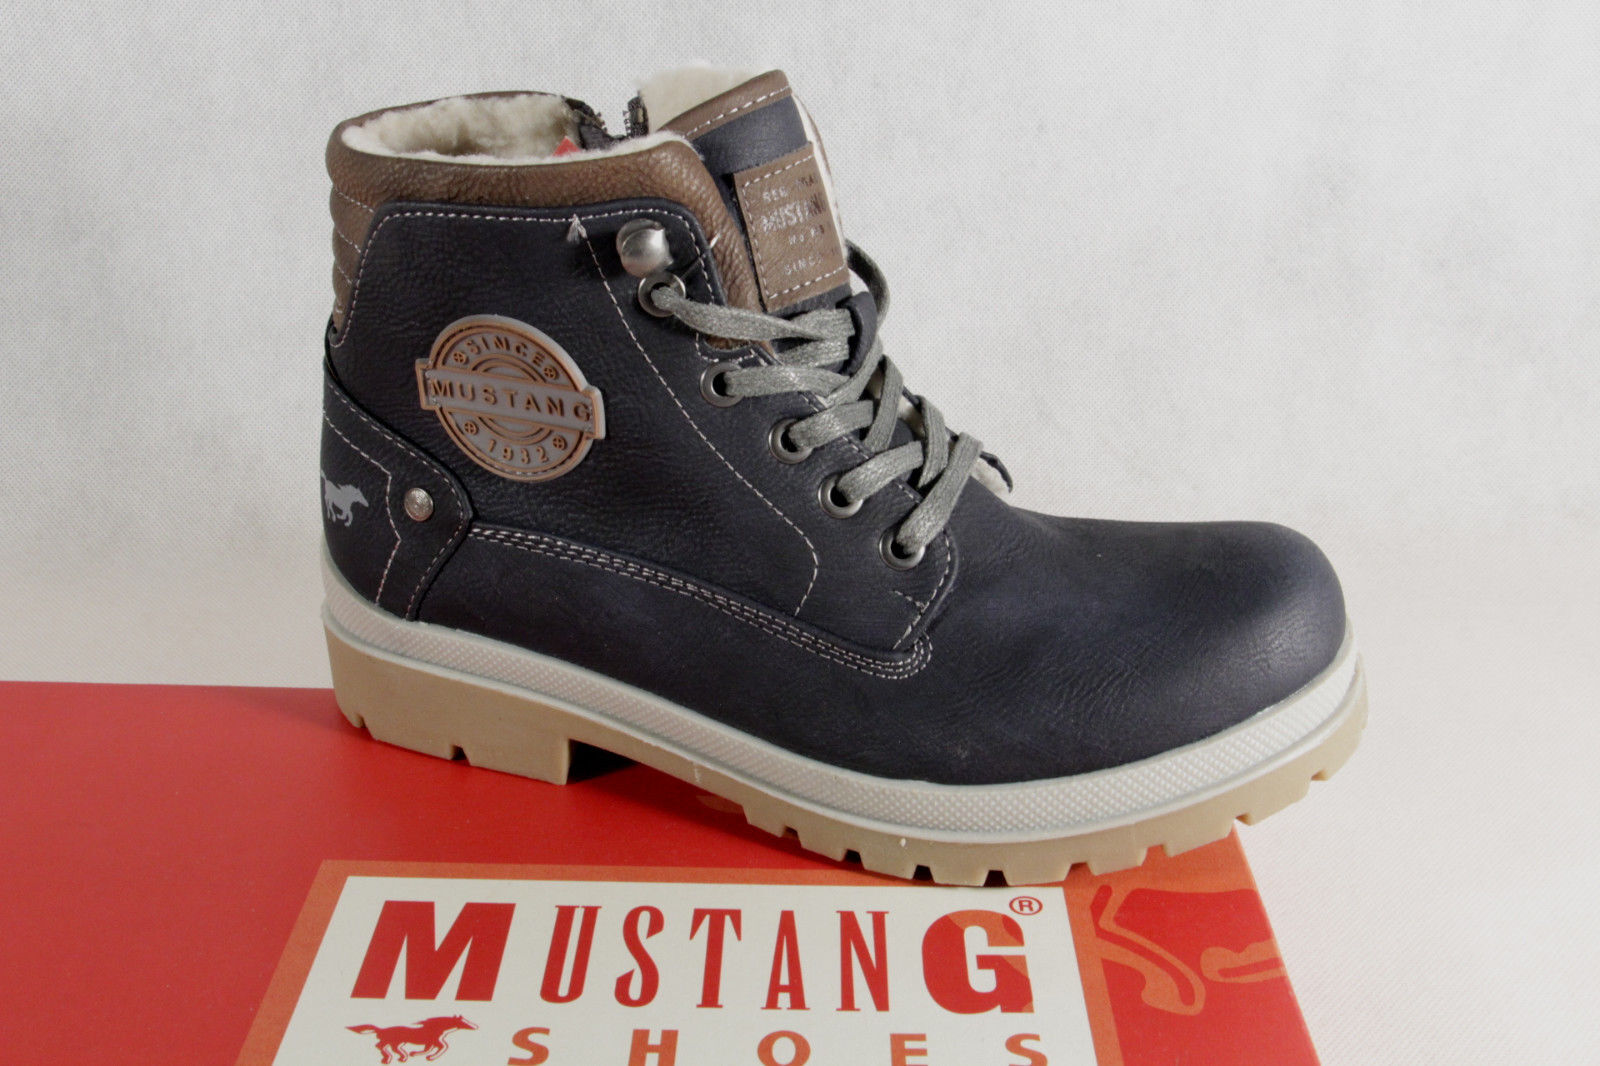 Mustang Stiefel Stiefeletten Schnürstiefel Stiefel Stiefel Stiefel blau 5037 NEU  1eaa3c